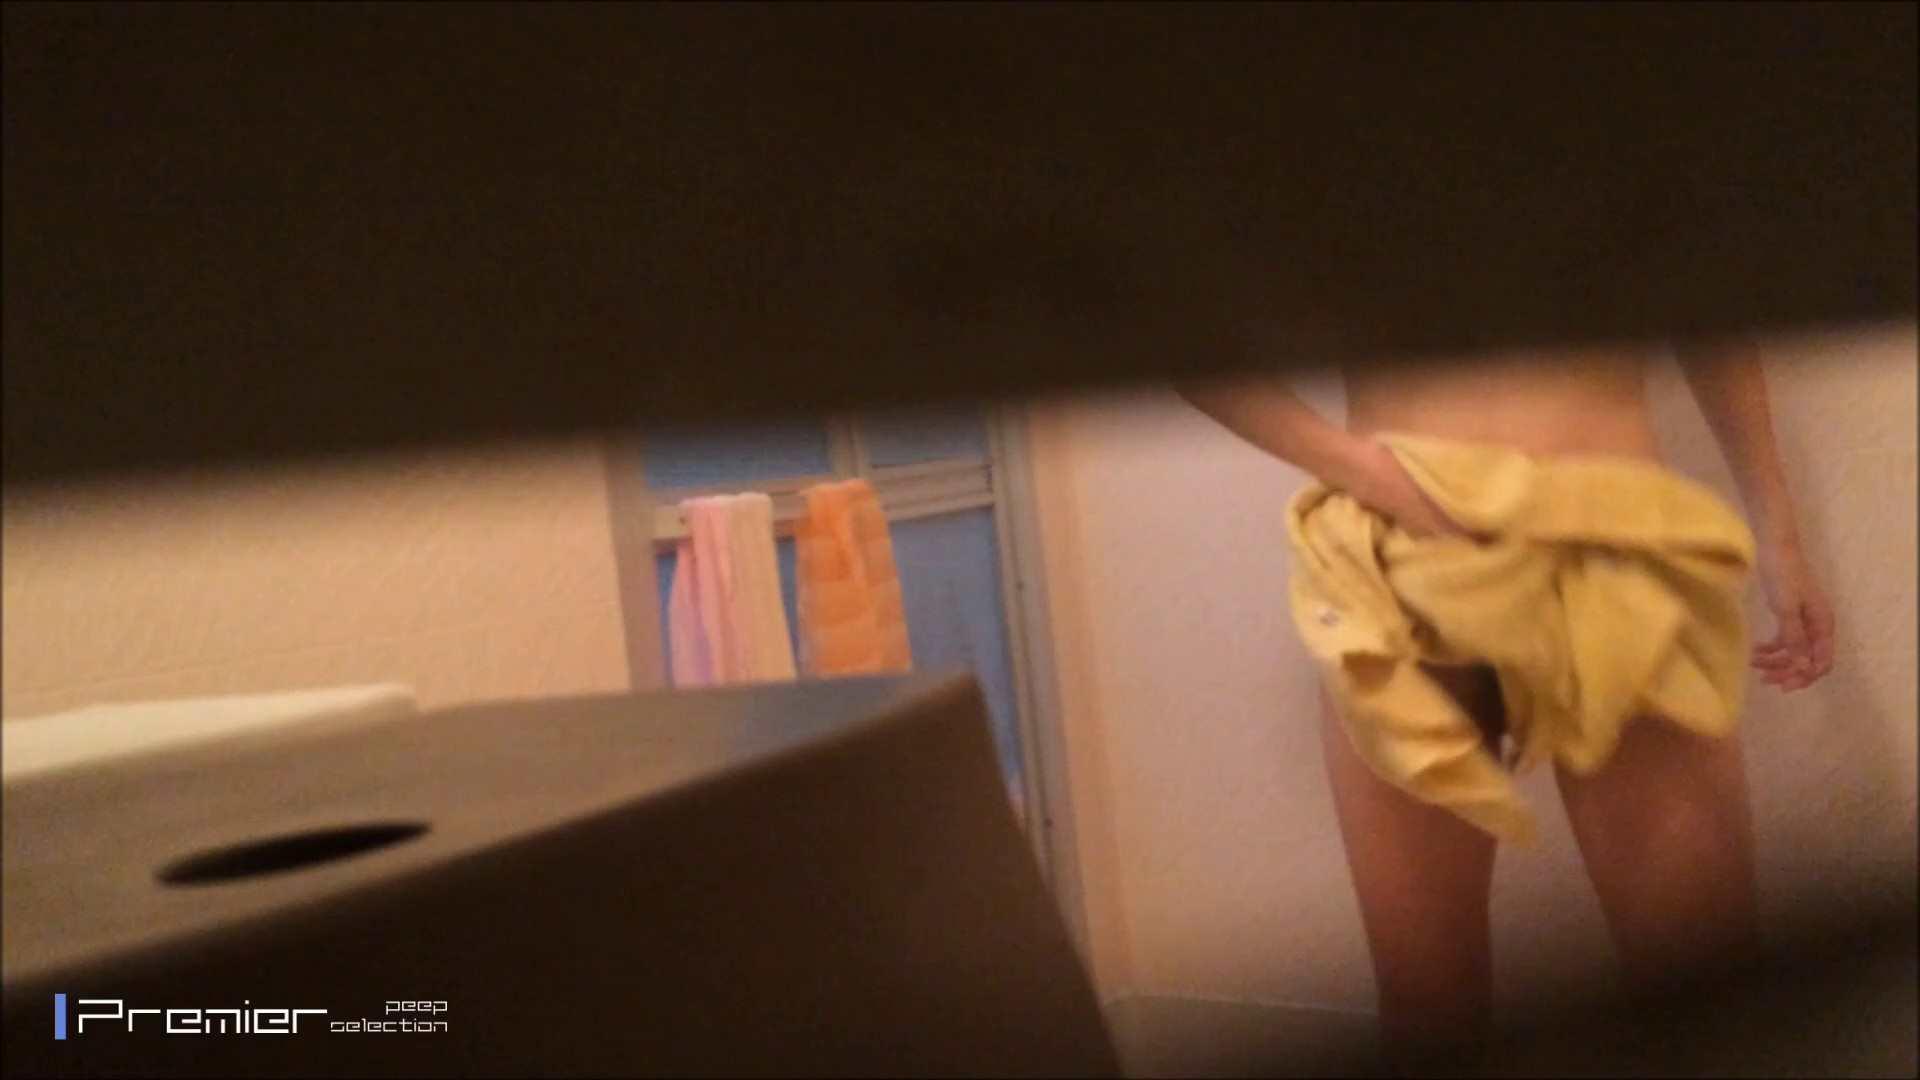 高画質フルハイビジョン スレンダー美女の入浴 乙女の風呂場 Vol.04 OLハメ撮り  94Pix 9